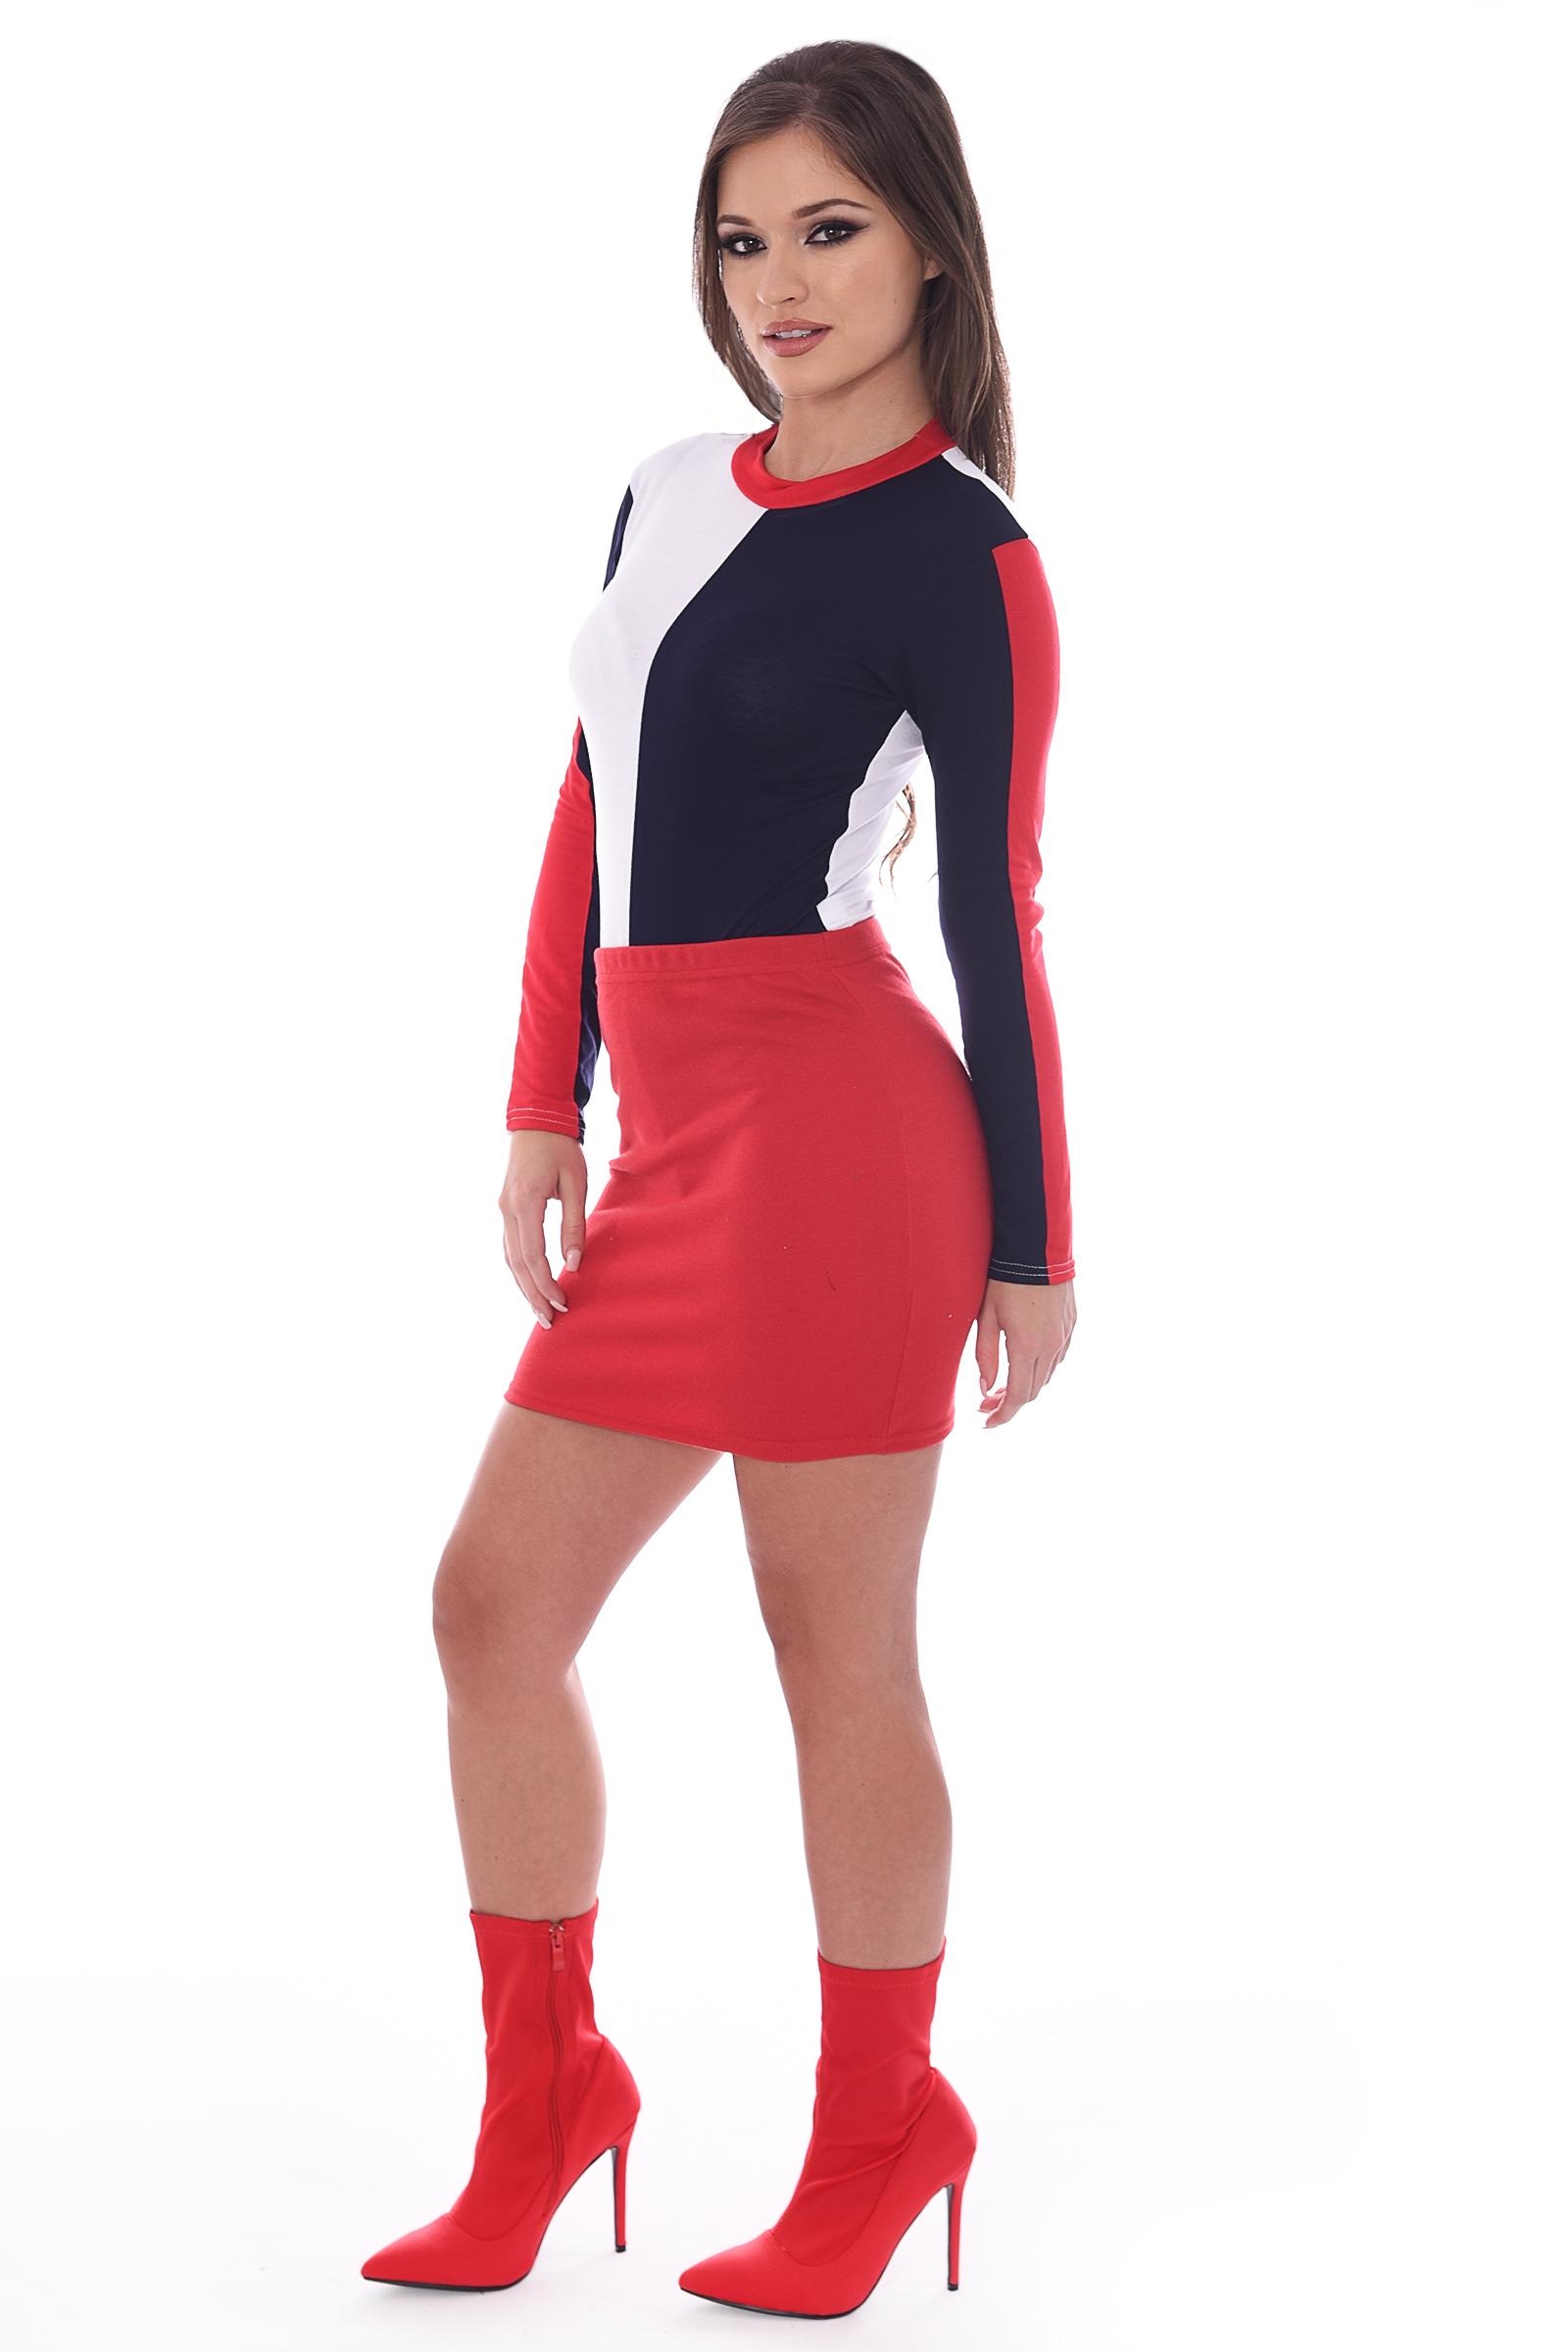 Poppy Red White Navy Colour Block Bodysuit